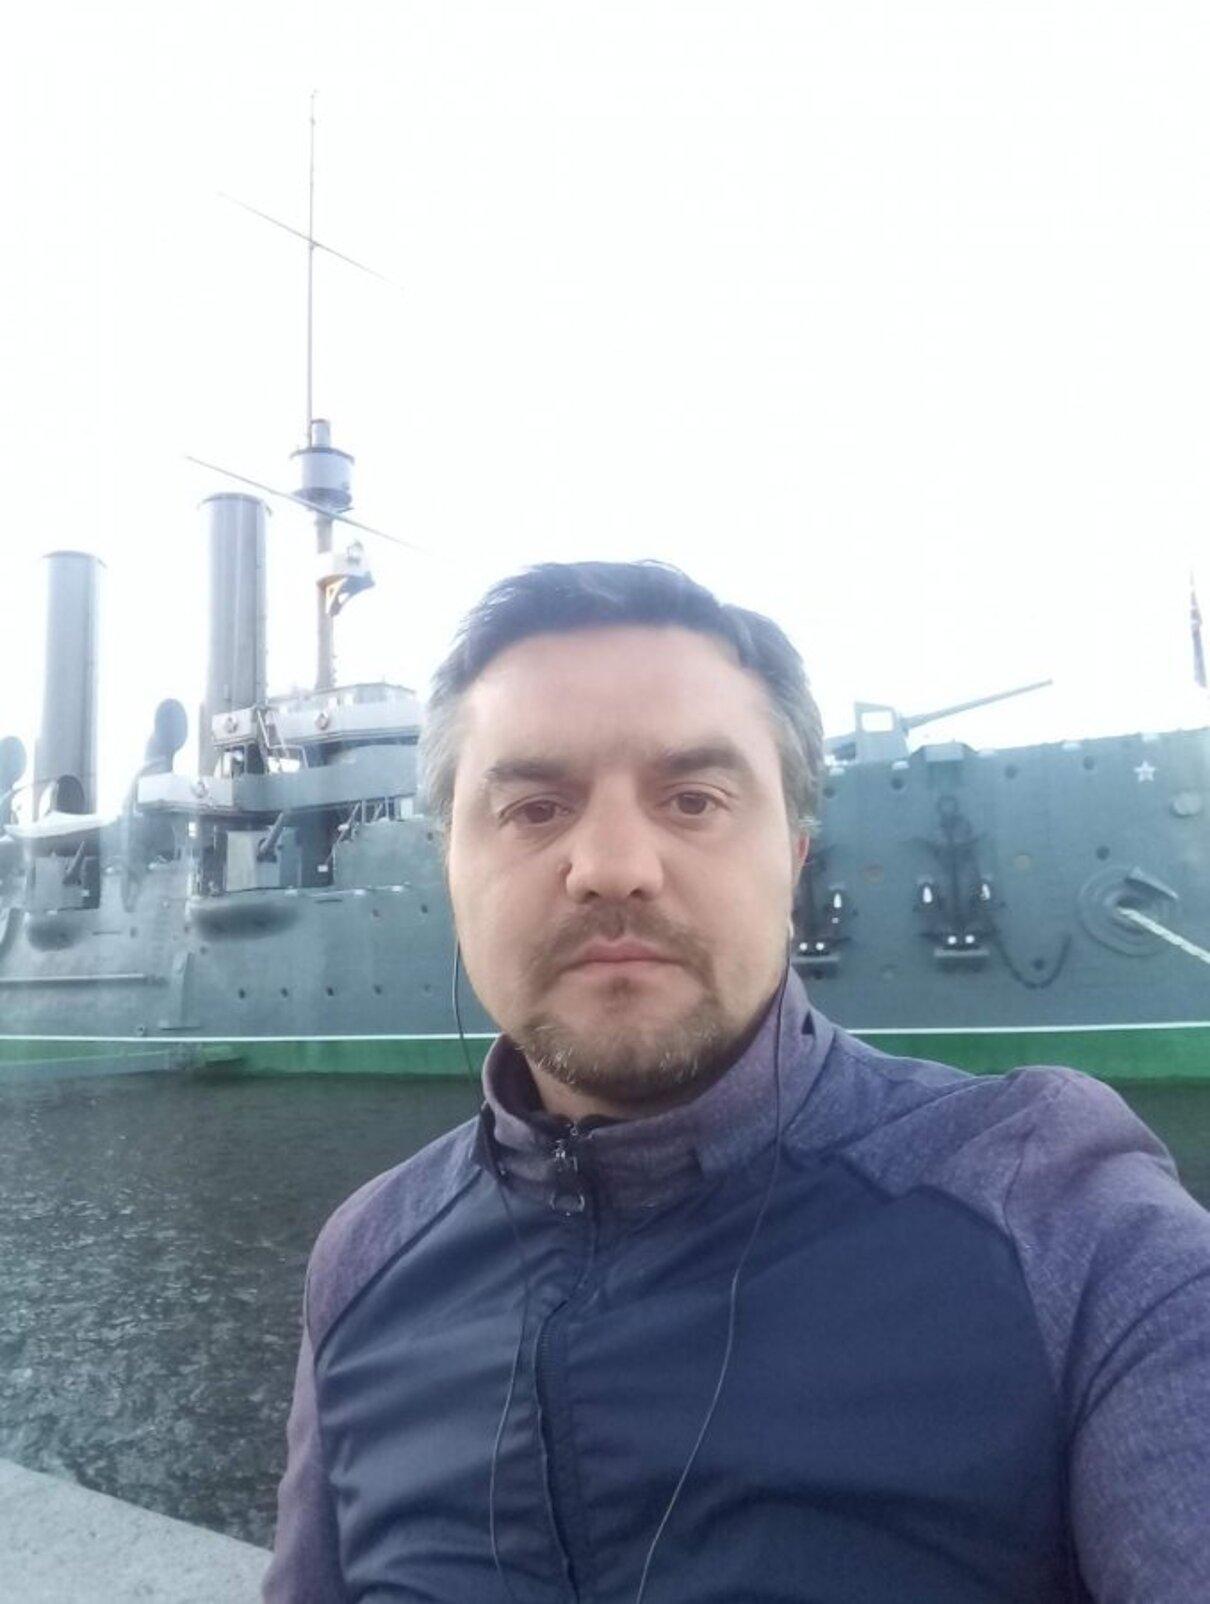 Жалоба-отзыв: Раков Дмитрий - Альфонс, патологический лжец.  Фото №2